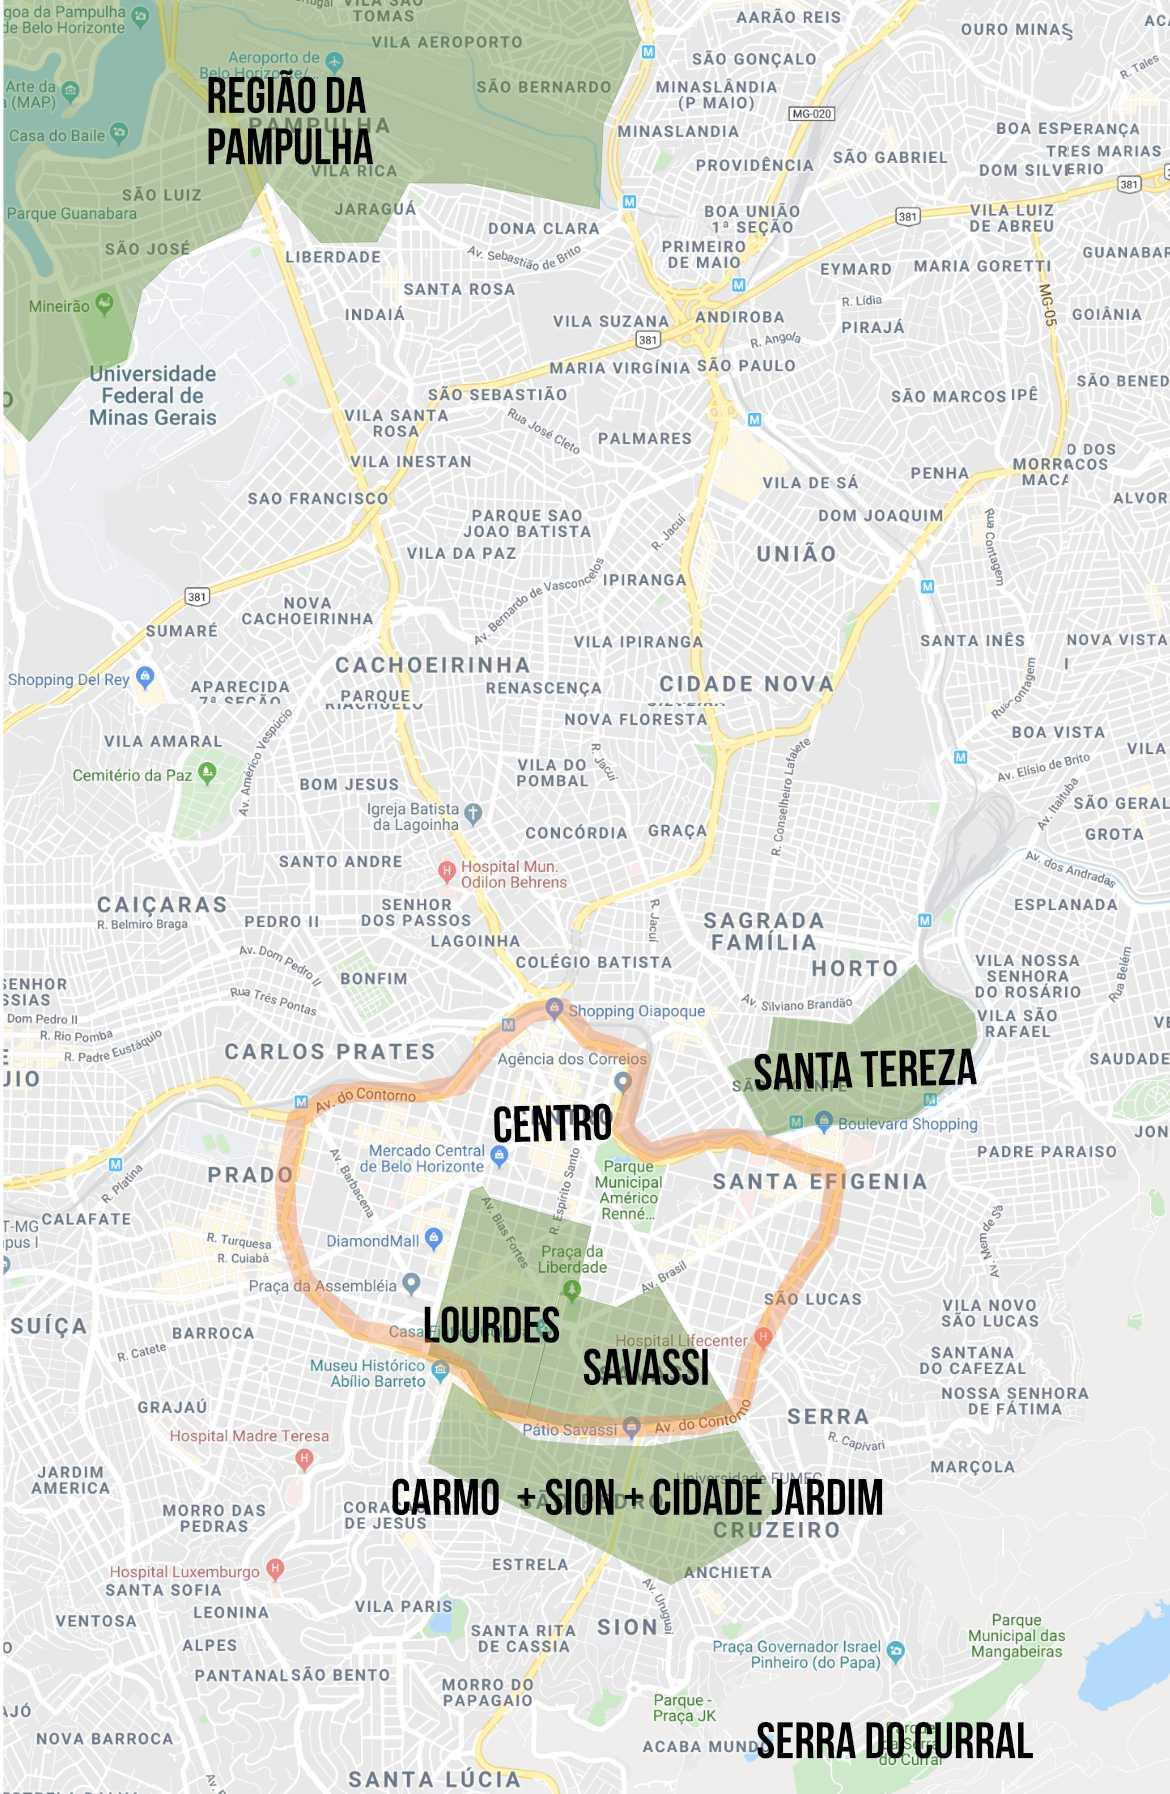 Mapa destacando os melhores bairros para ficar em BH